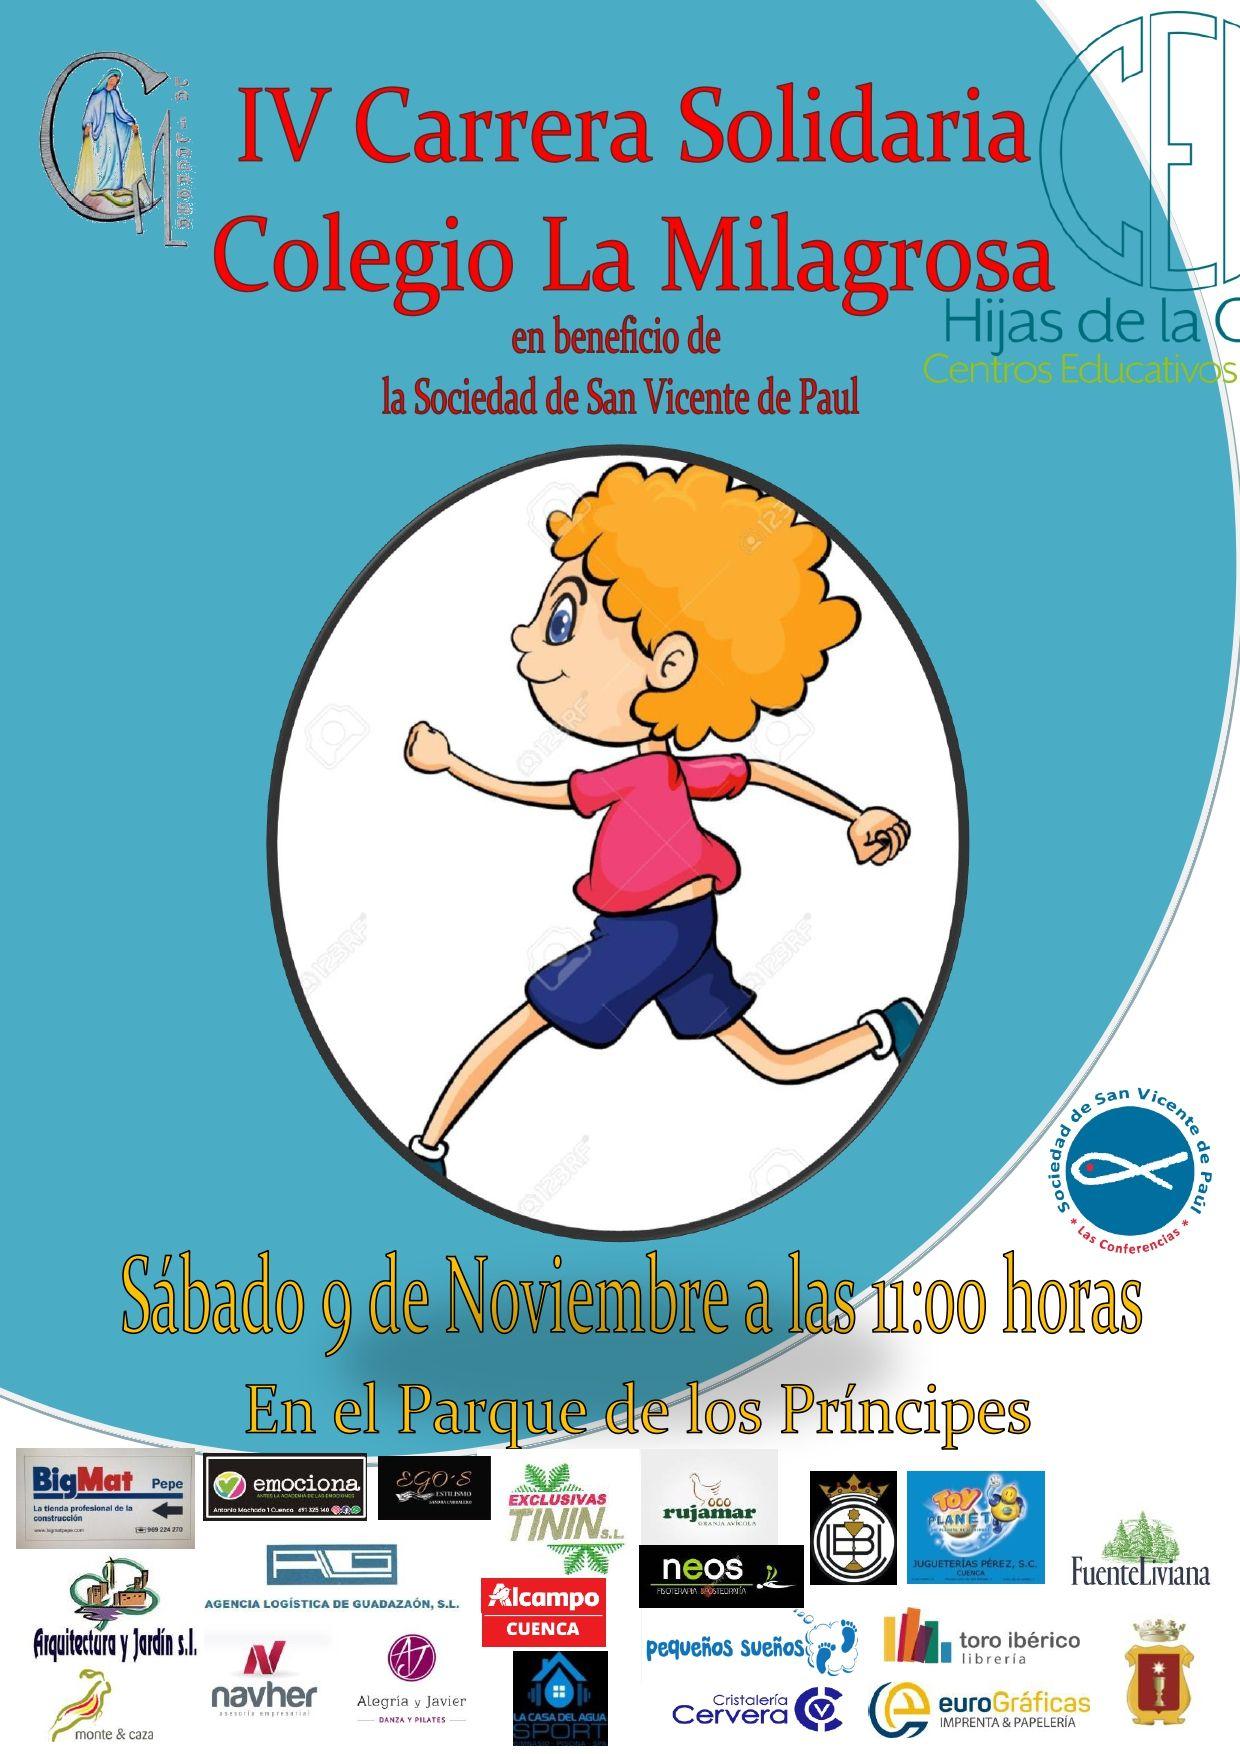 El Colegio La Milagrosa de Cuenca celebra este sábado su IV Carrera Solidaria